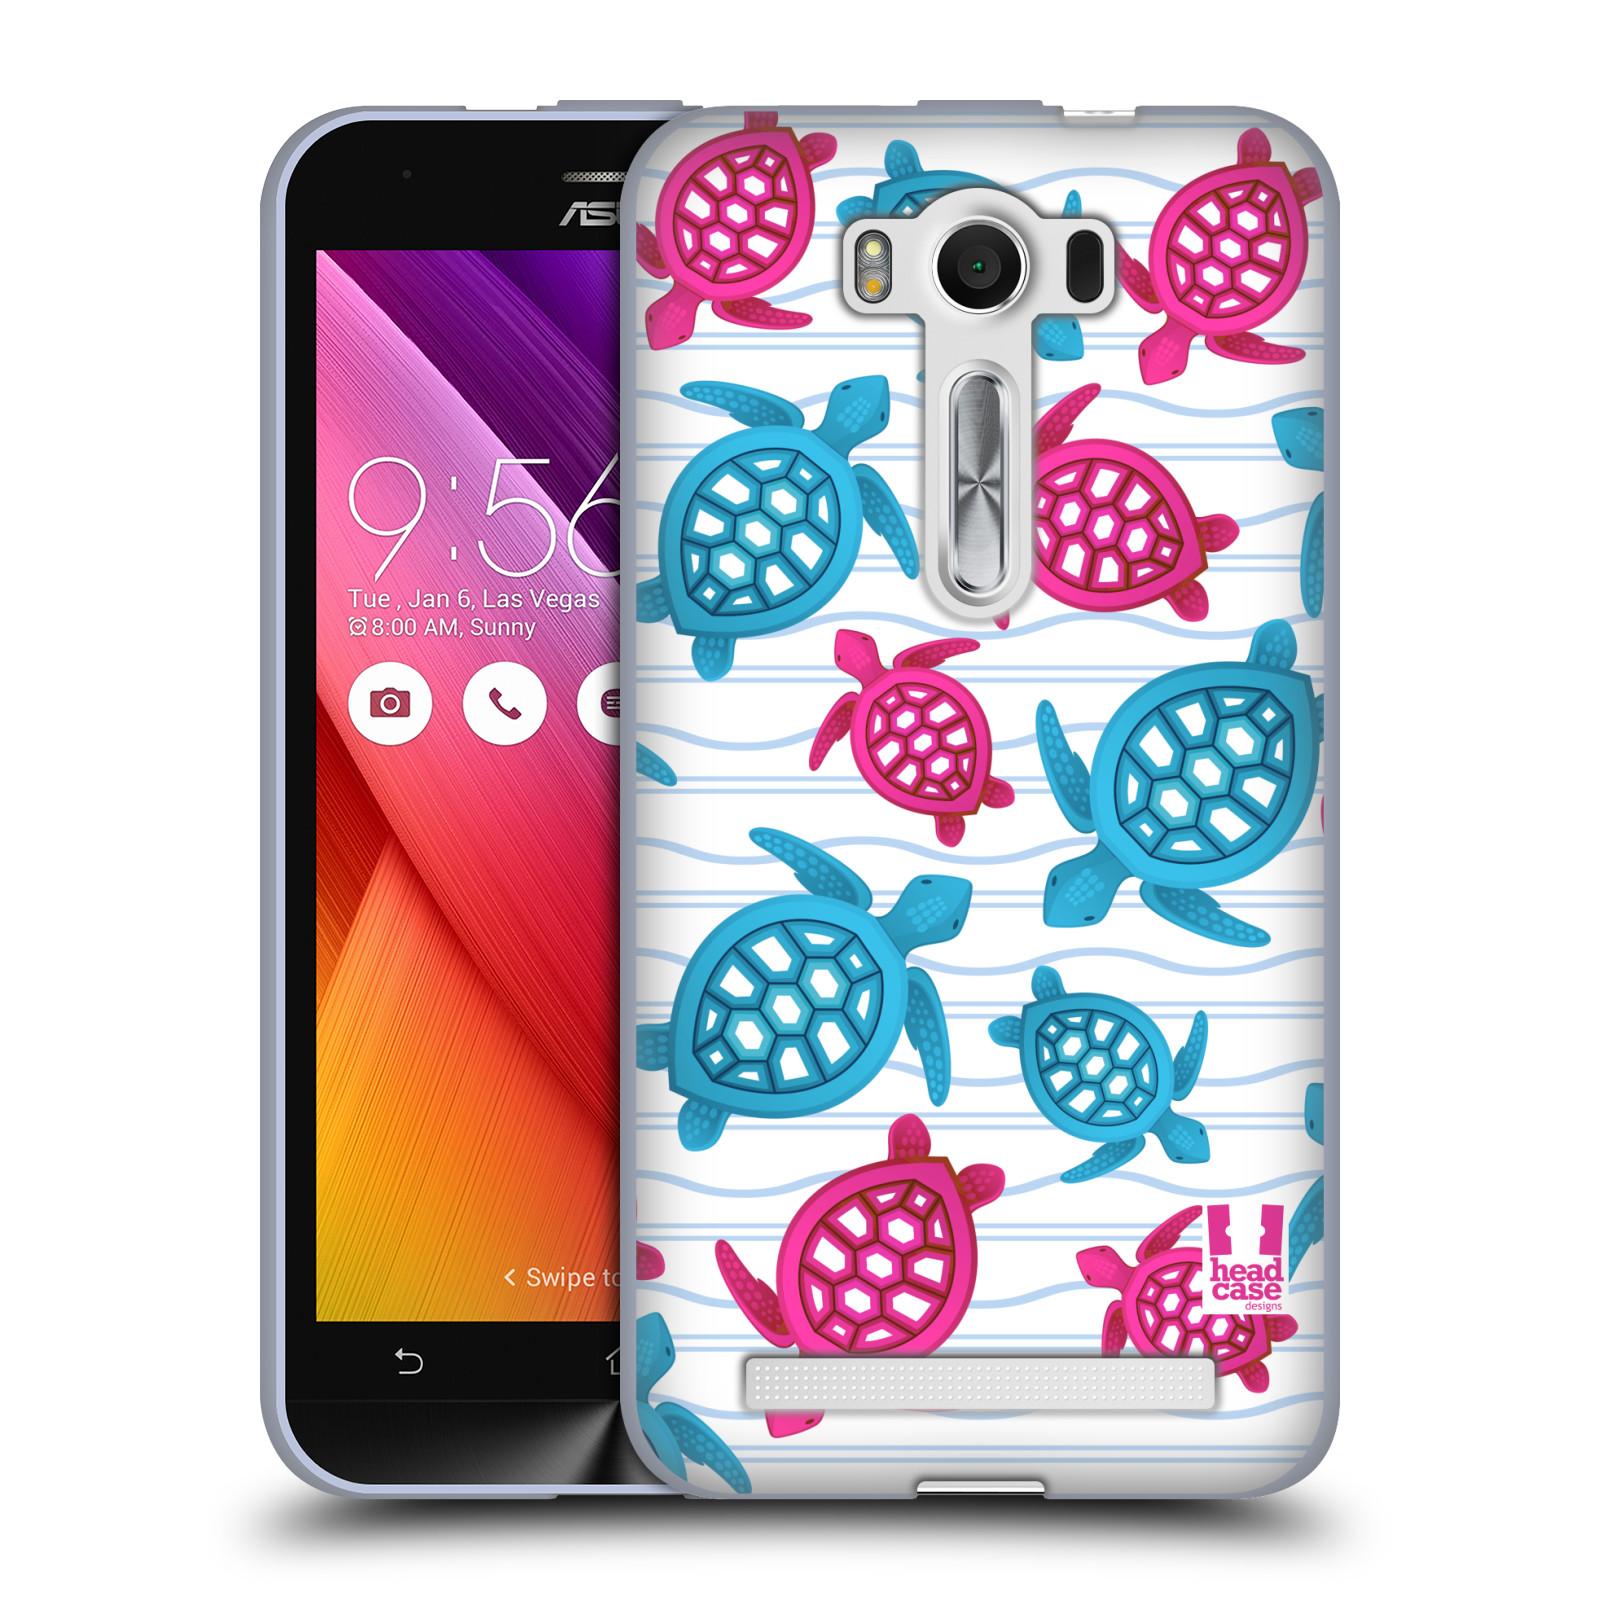 """HEAD CASE silikonový obal na mobil Asus Zenfone 2 LASER (ZE500KL s 5"""" displejem) vzor mořský živočich želva modrá a růžová"""